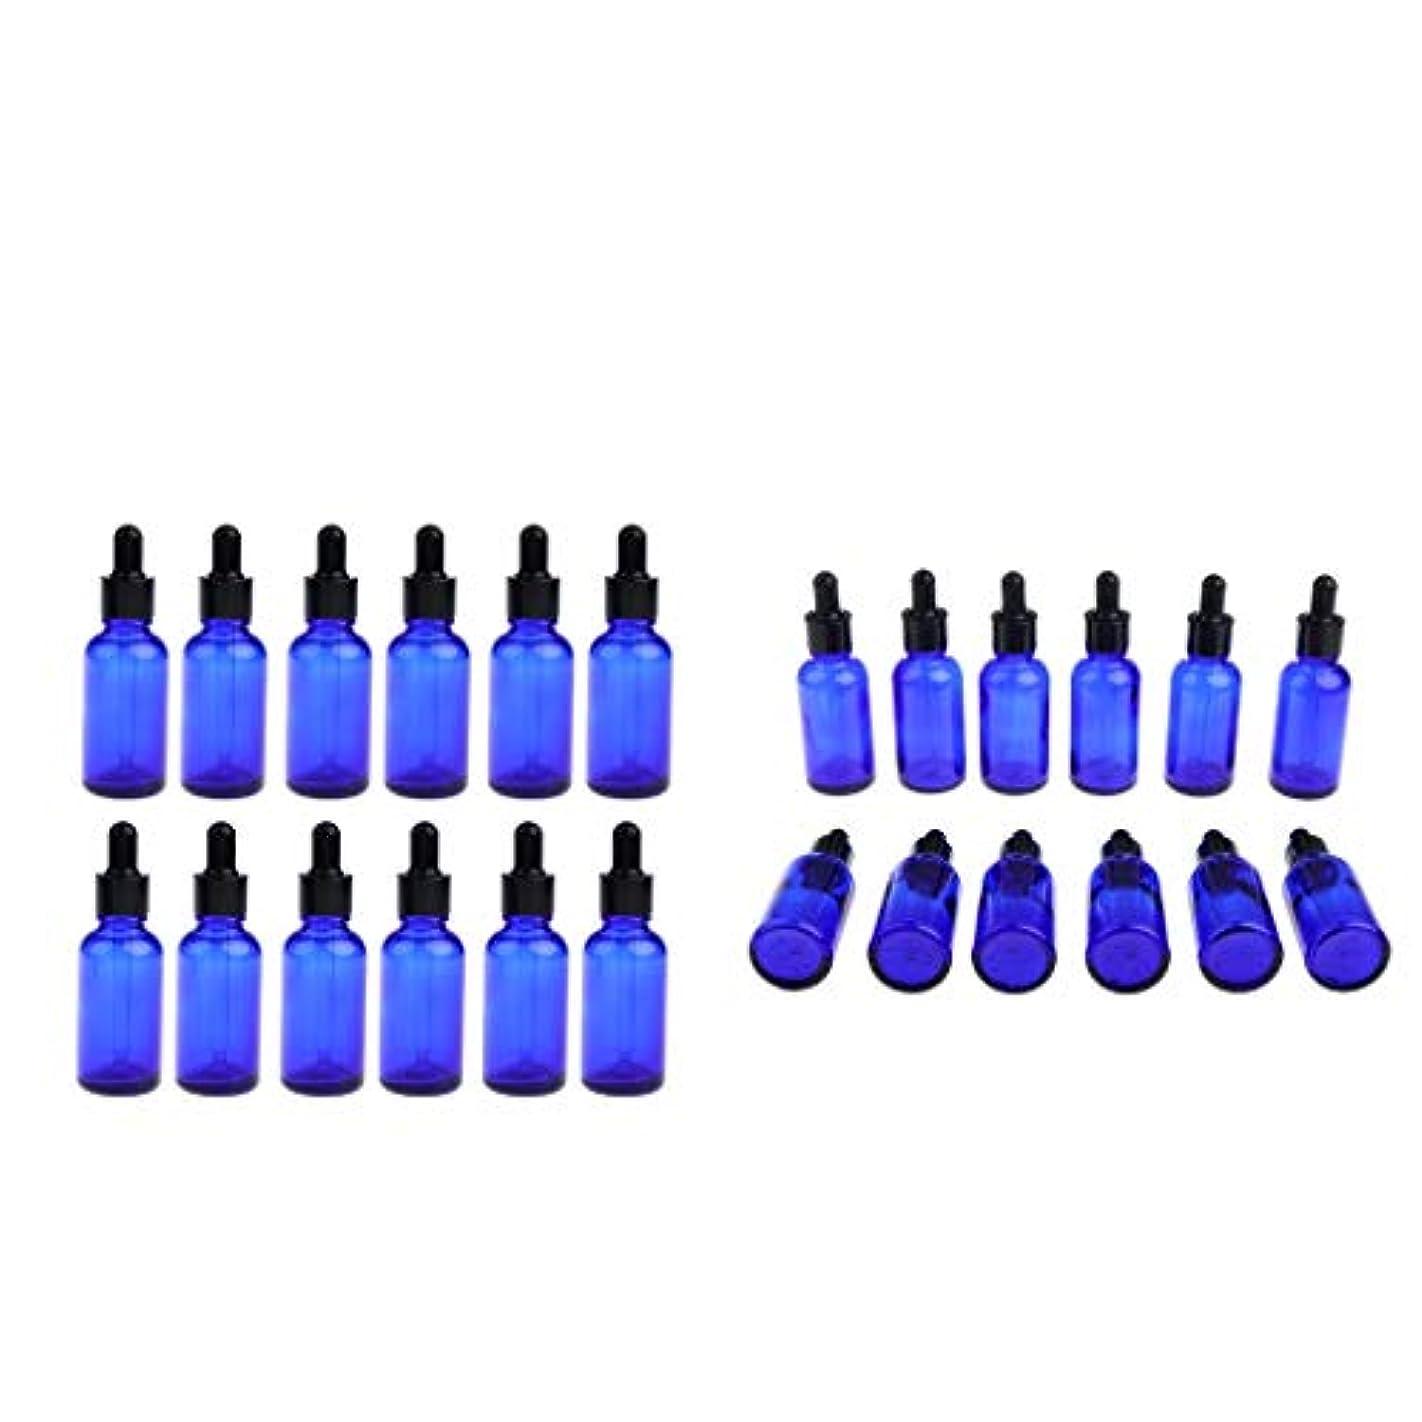 持っている起こる人間dailymall エッセンシャルオイル詰め替え可能な空のドロッパーボトル-24ピースガラスボトルDIYブレンド用品アクセサリー